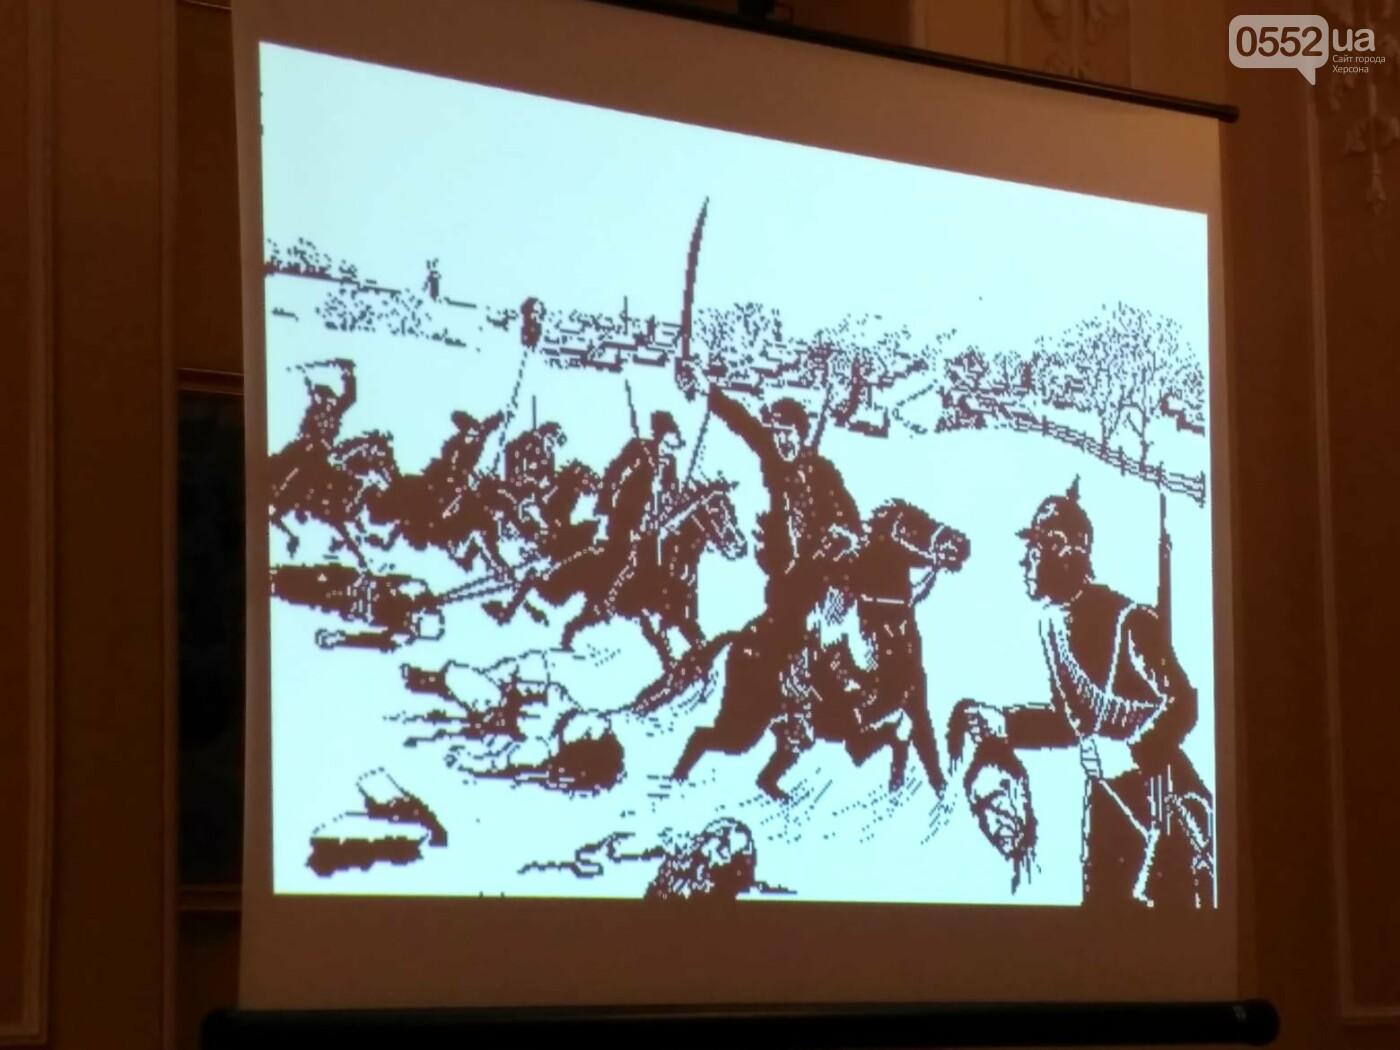 Презентация работ художника Исаака Айзеншера